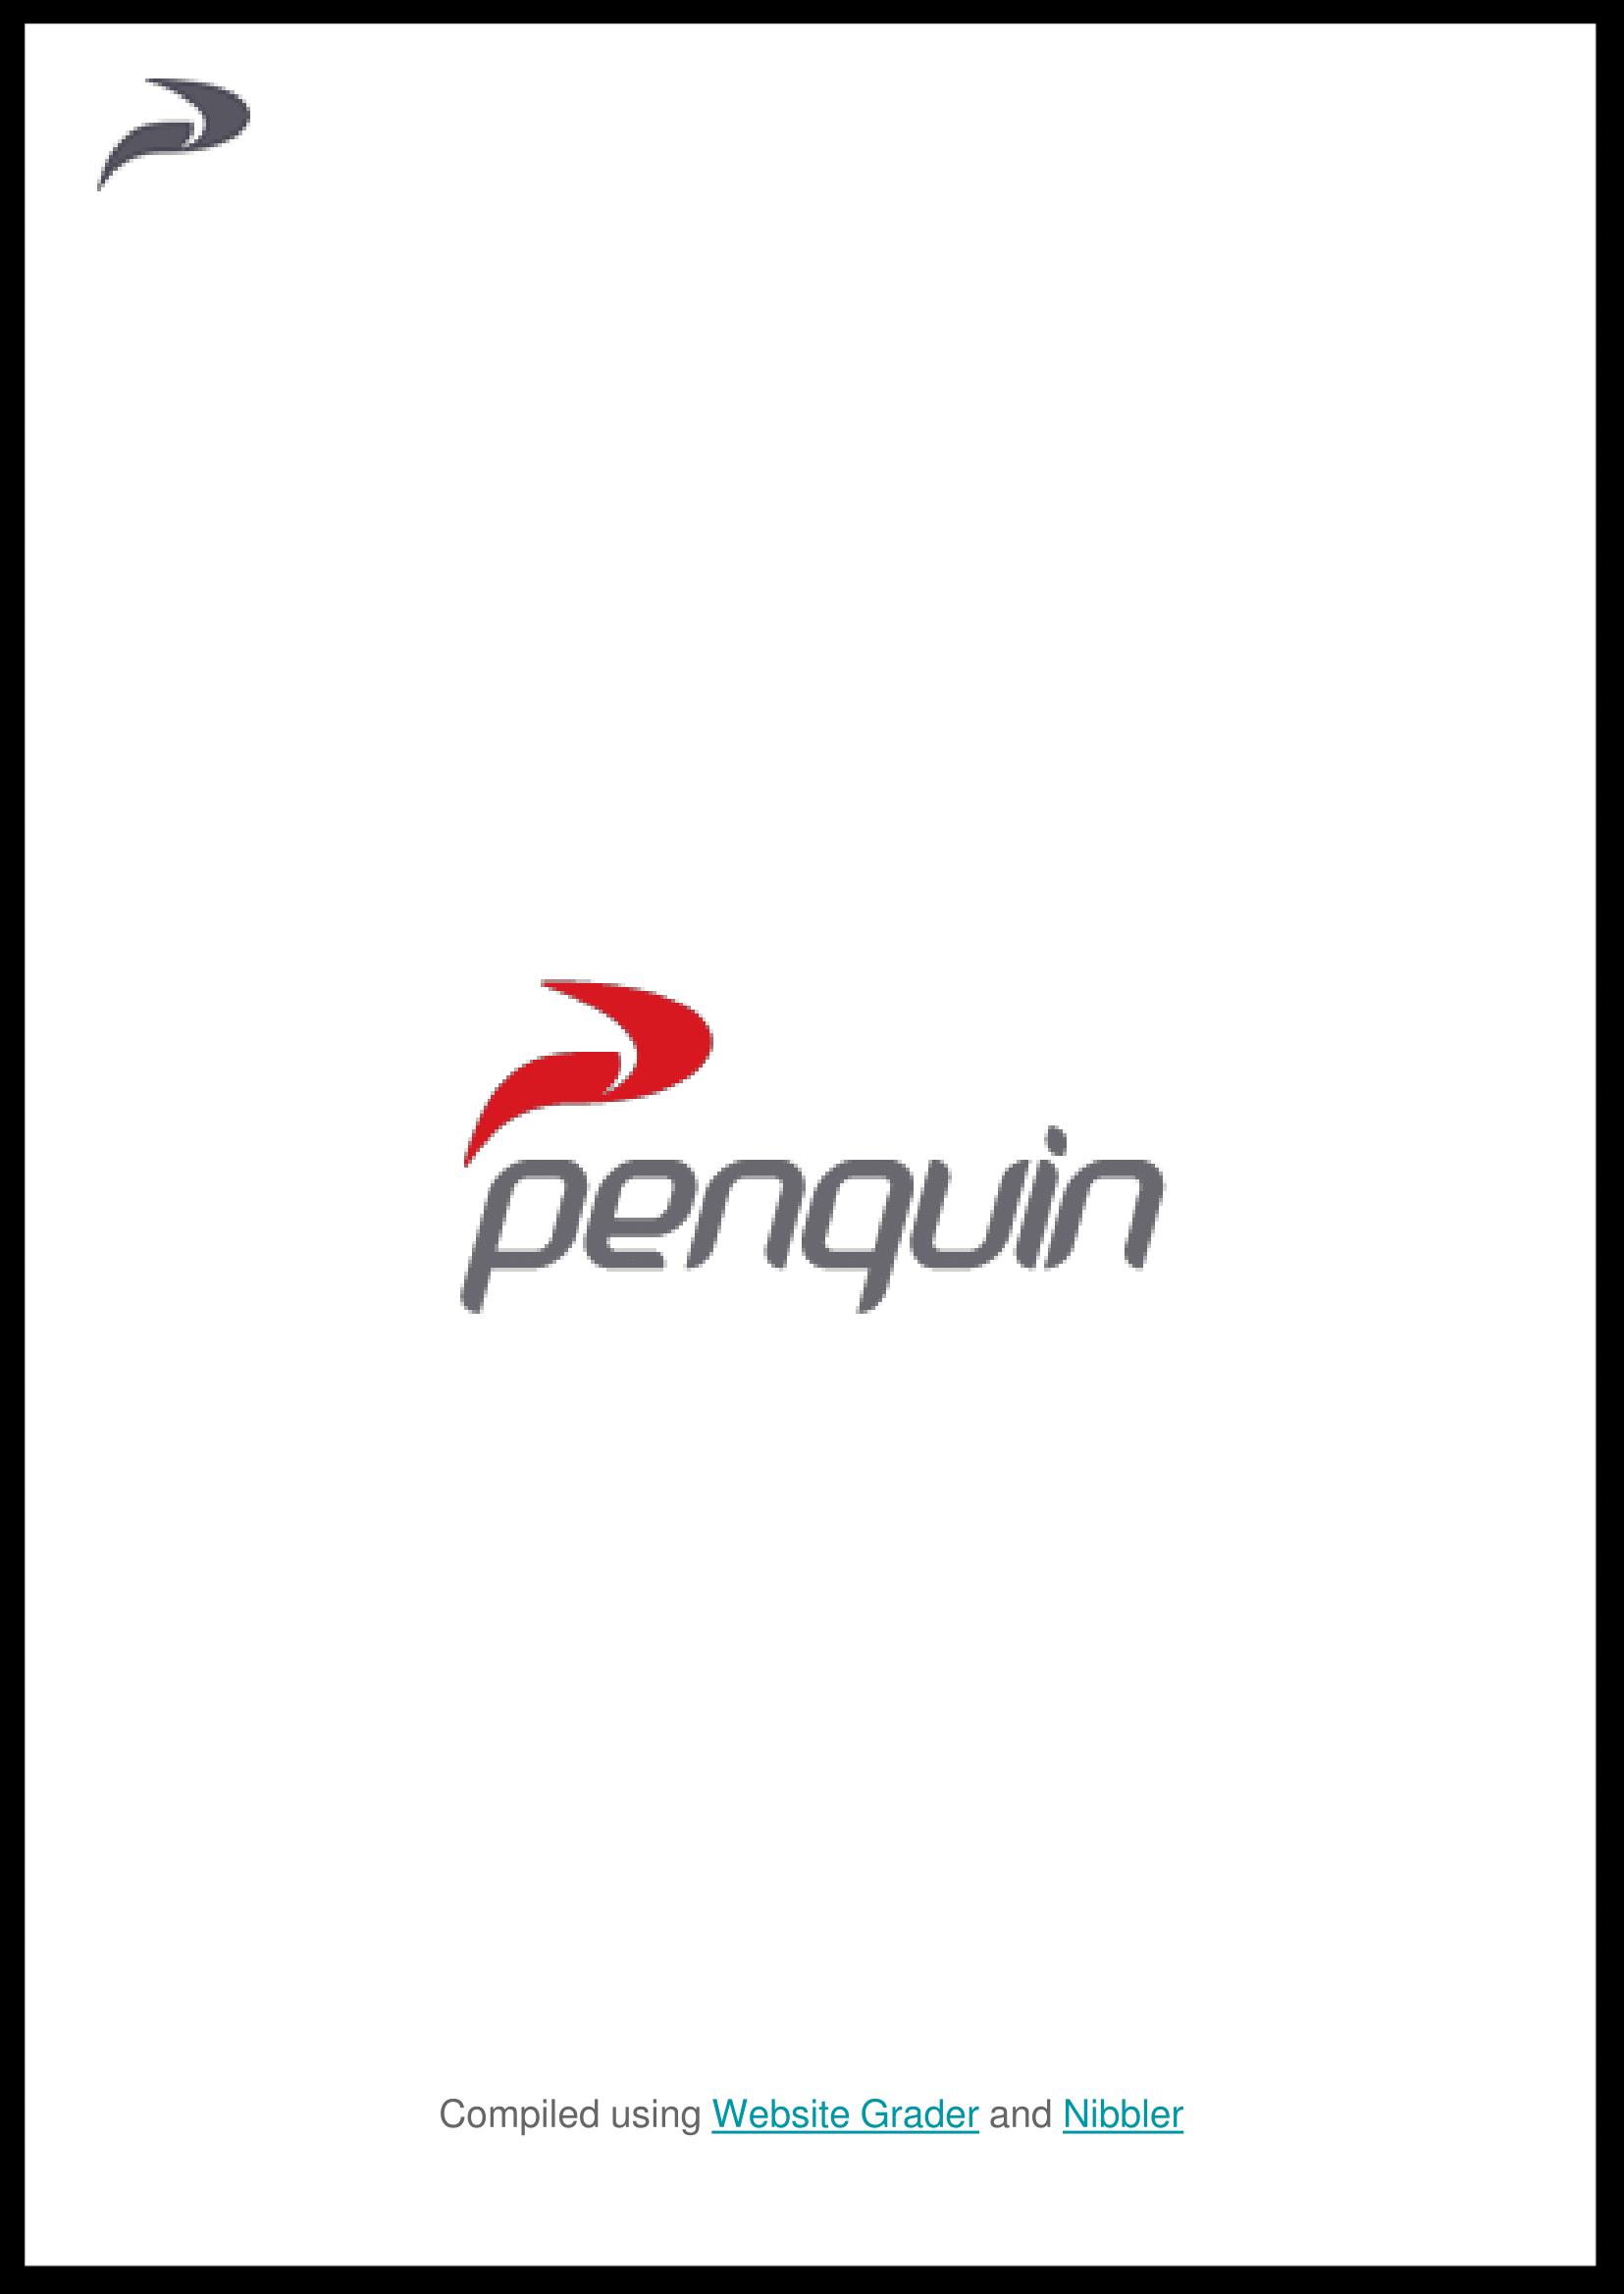 Penquin Website Grader Images  01.png